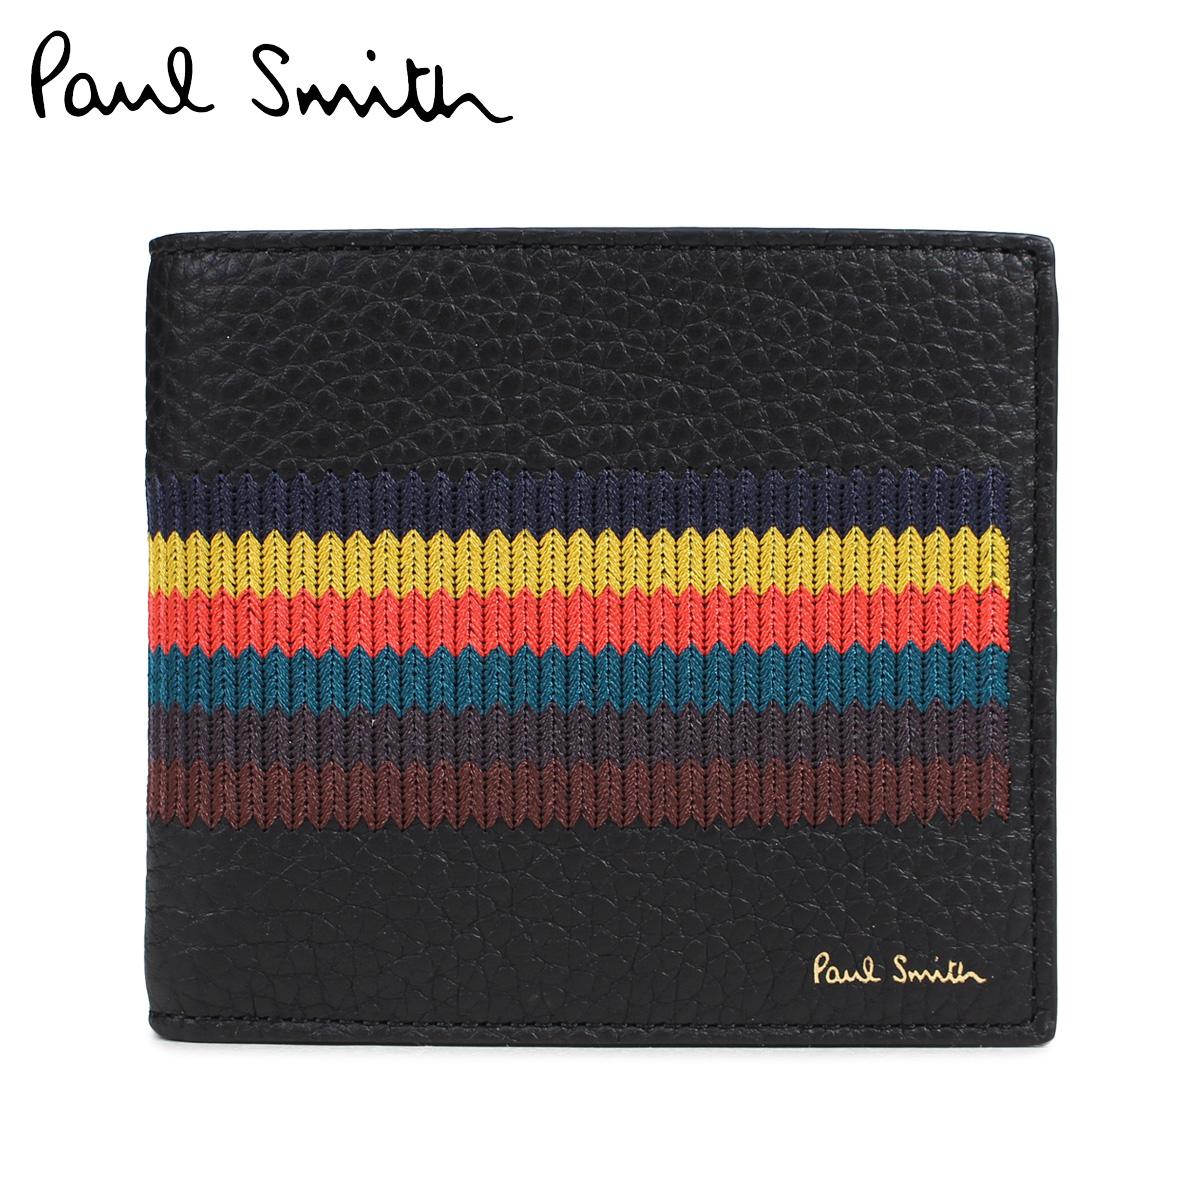 Paul Smith BI-FOLD WALLET ポールスミス 財布 二つ折りメンズ レザー ブラック 黒 M1A 4833 A40074